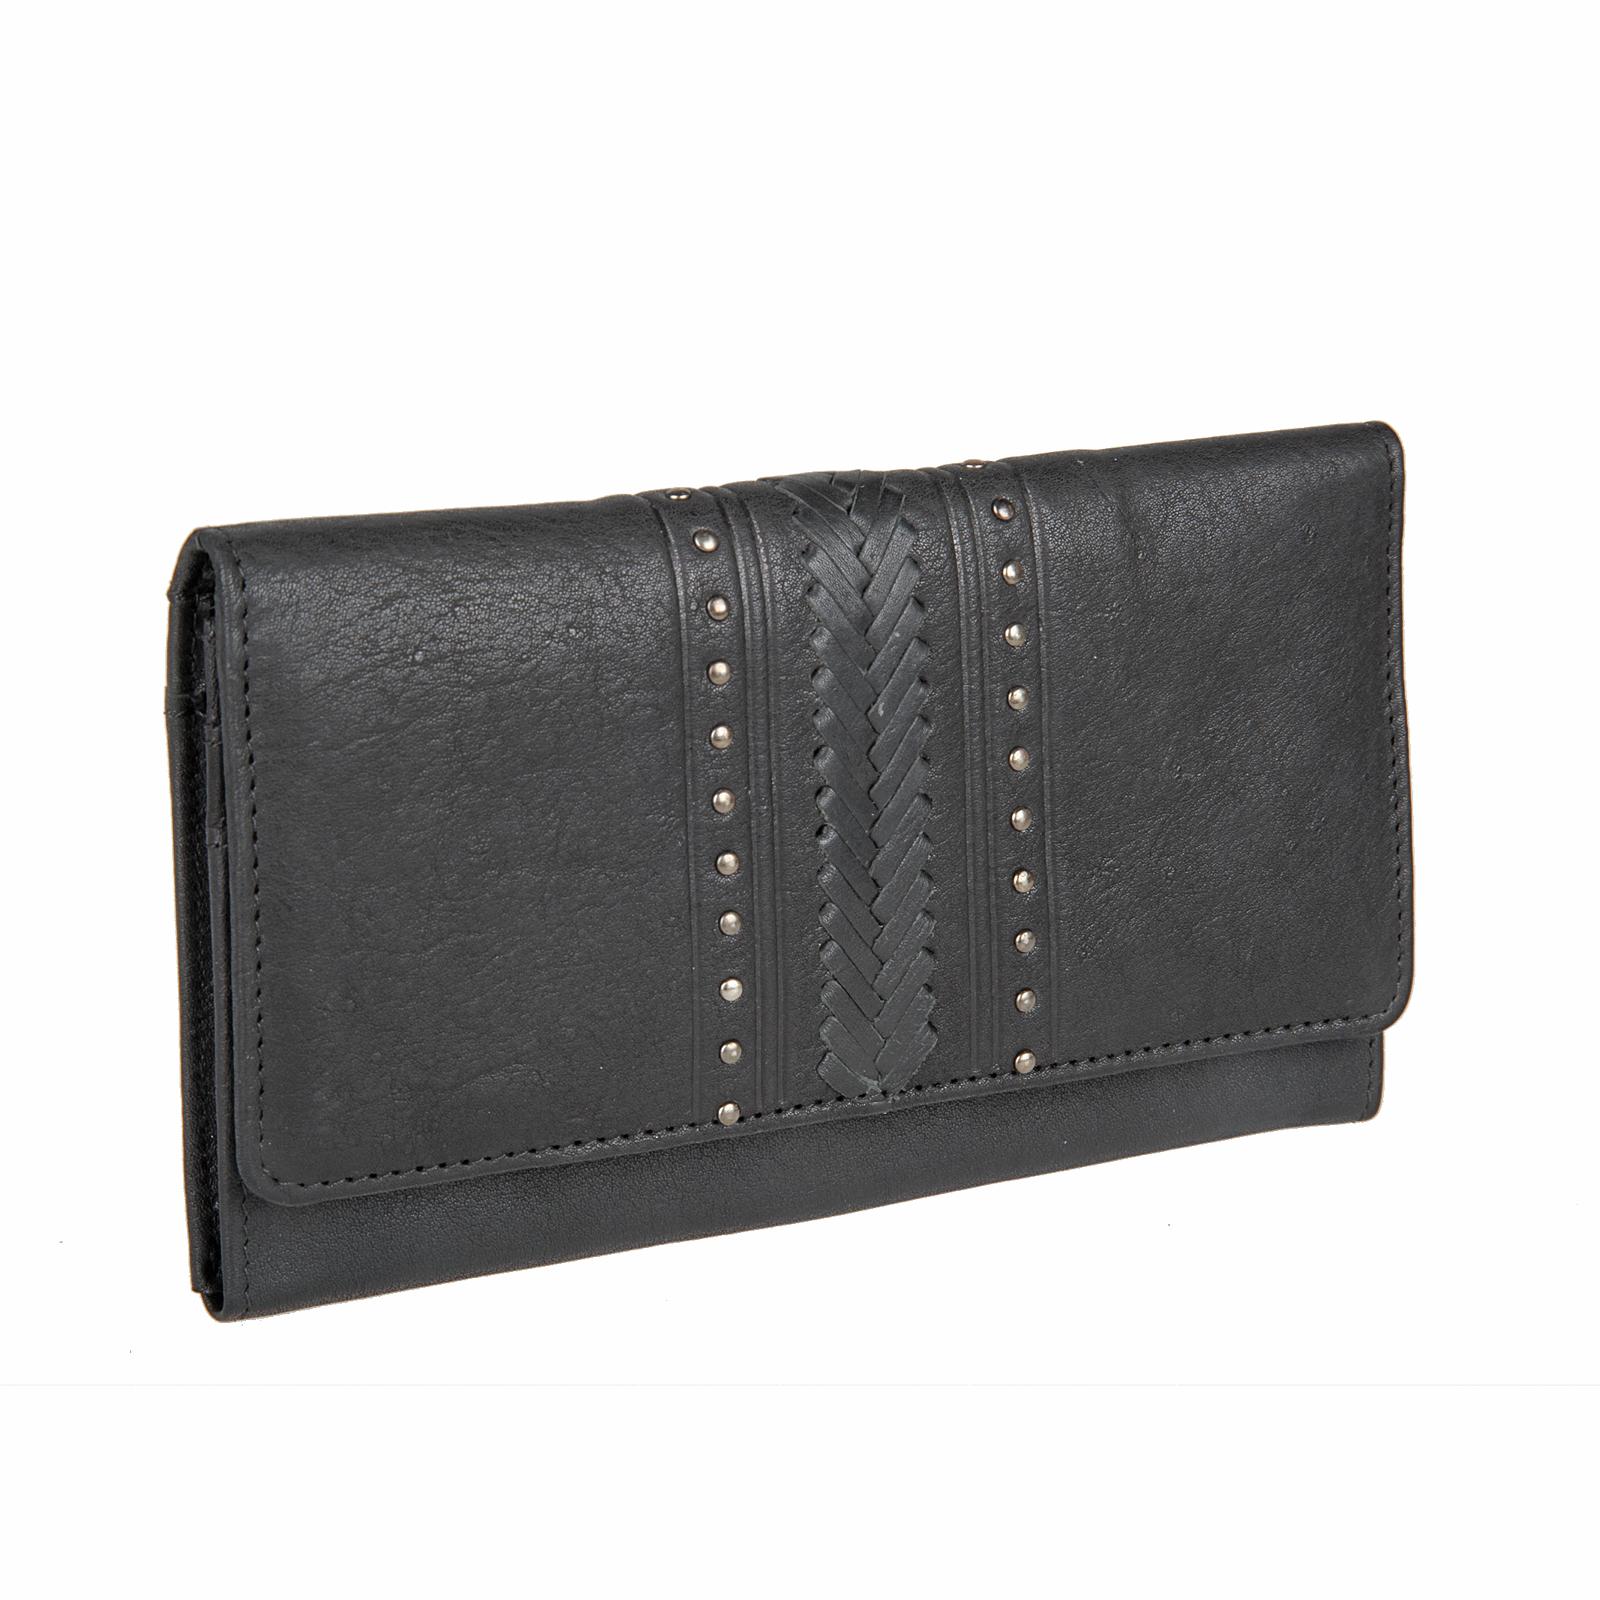 Кошелек женский Bodenschatz, цвет: черный. 4-020 black4-020 blackЗакрывается клапаном на кнопке, три отдела для купюр, три кармашка под пластиковые карты, кармашек сетка для пропуска, снаружи кармашек на молнии.